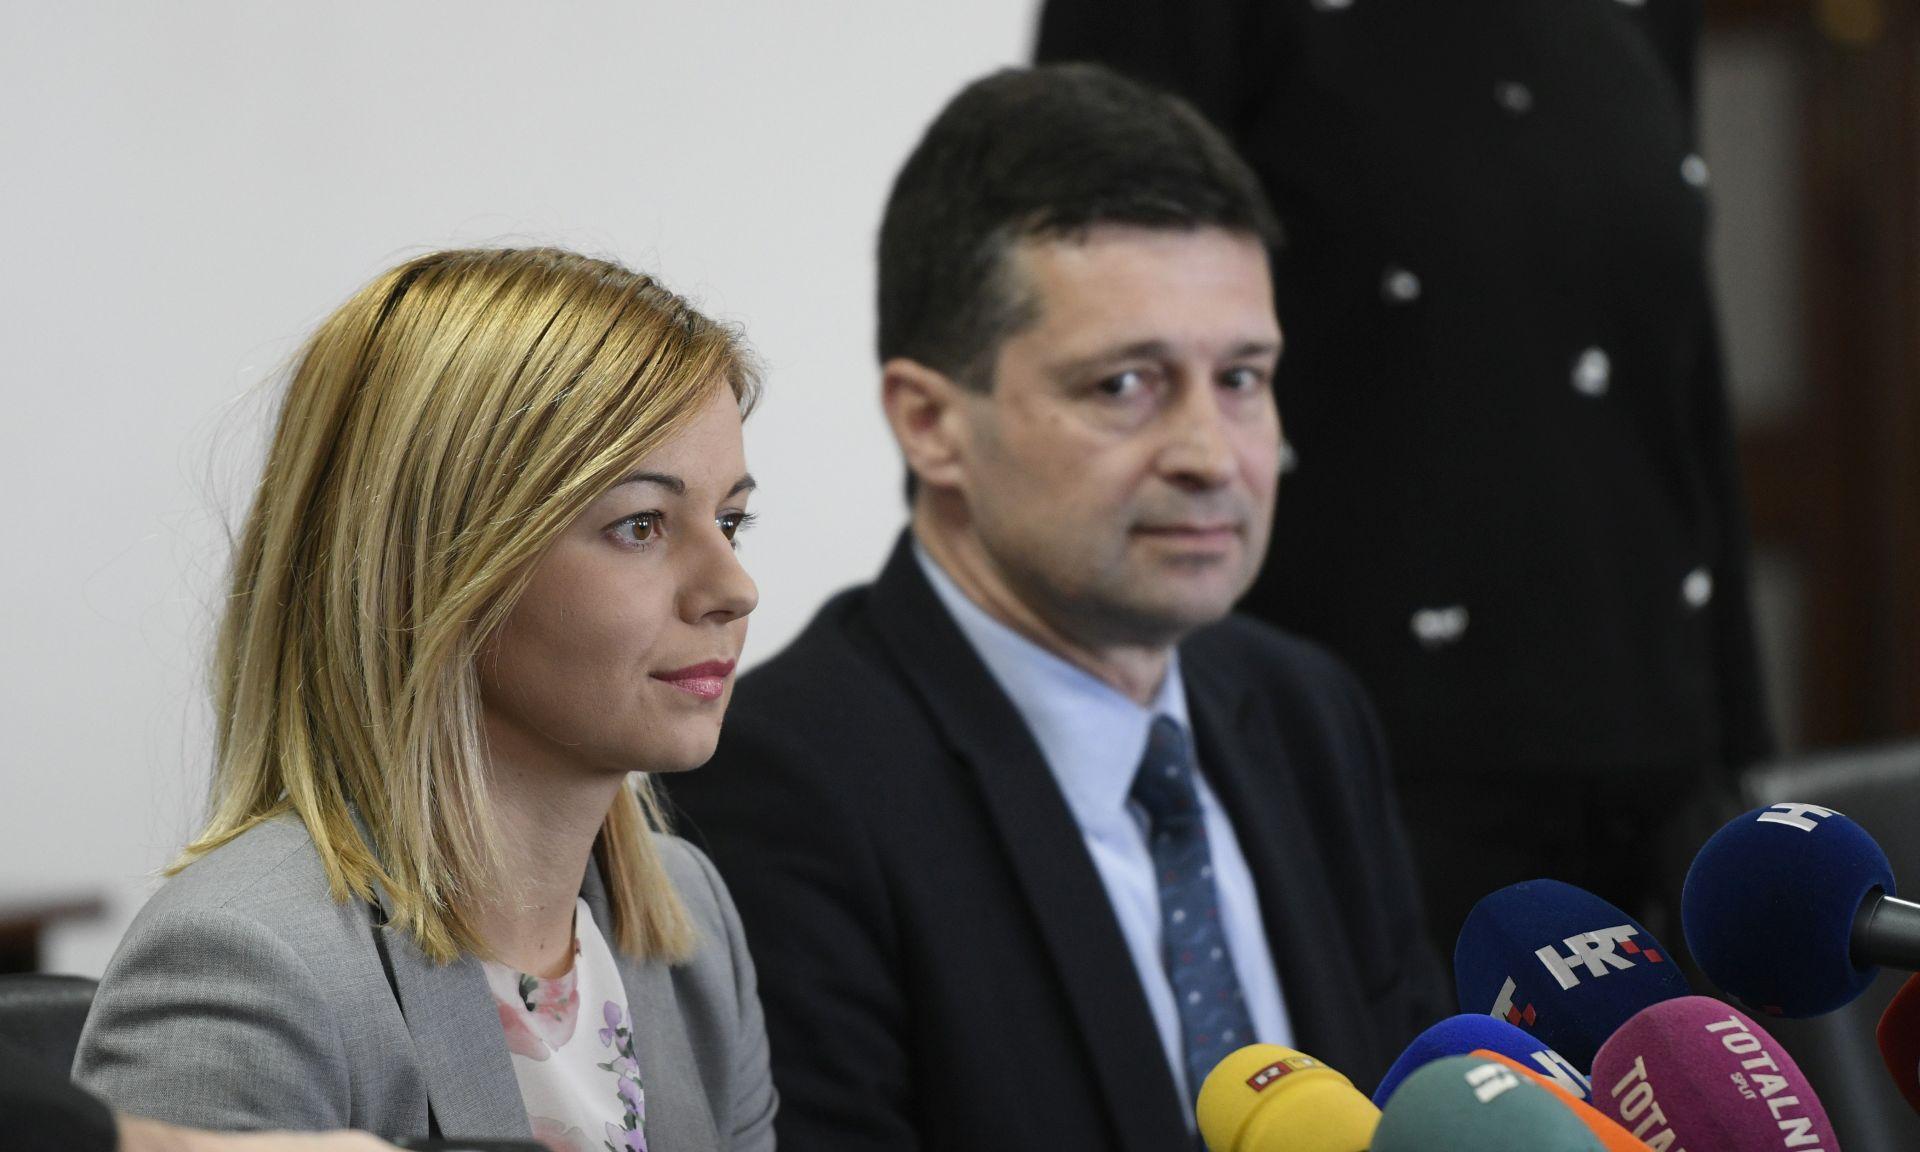 Evo tko će voditi Split u odstutnosti Krstulovića Opare